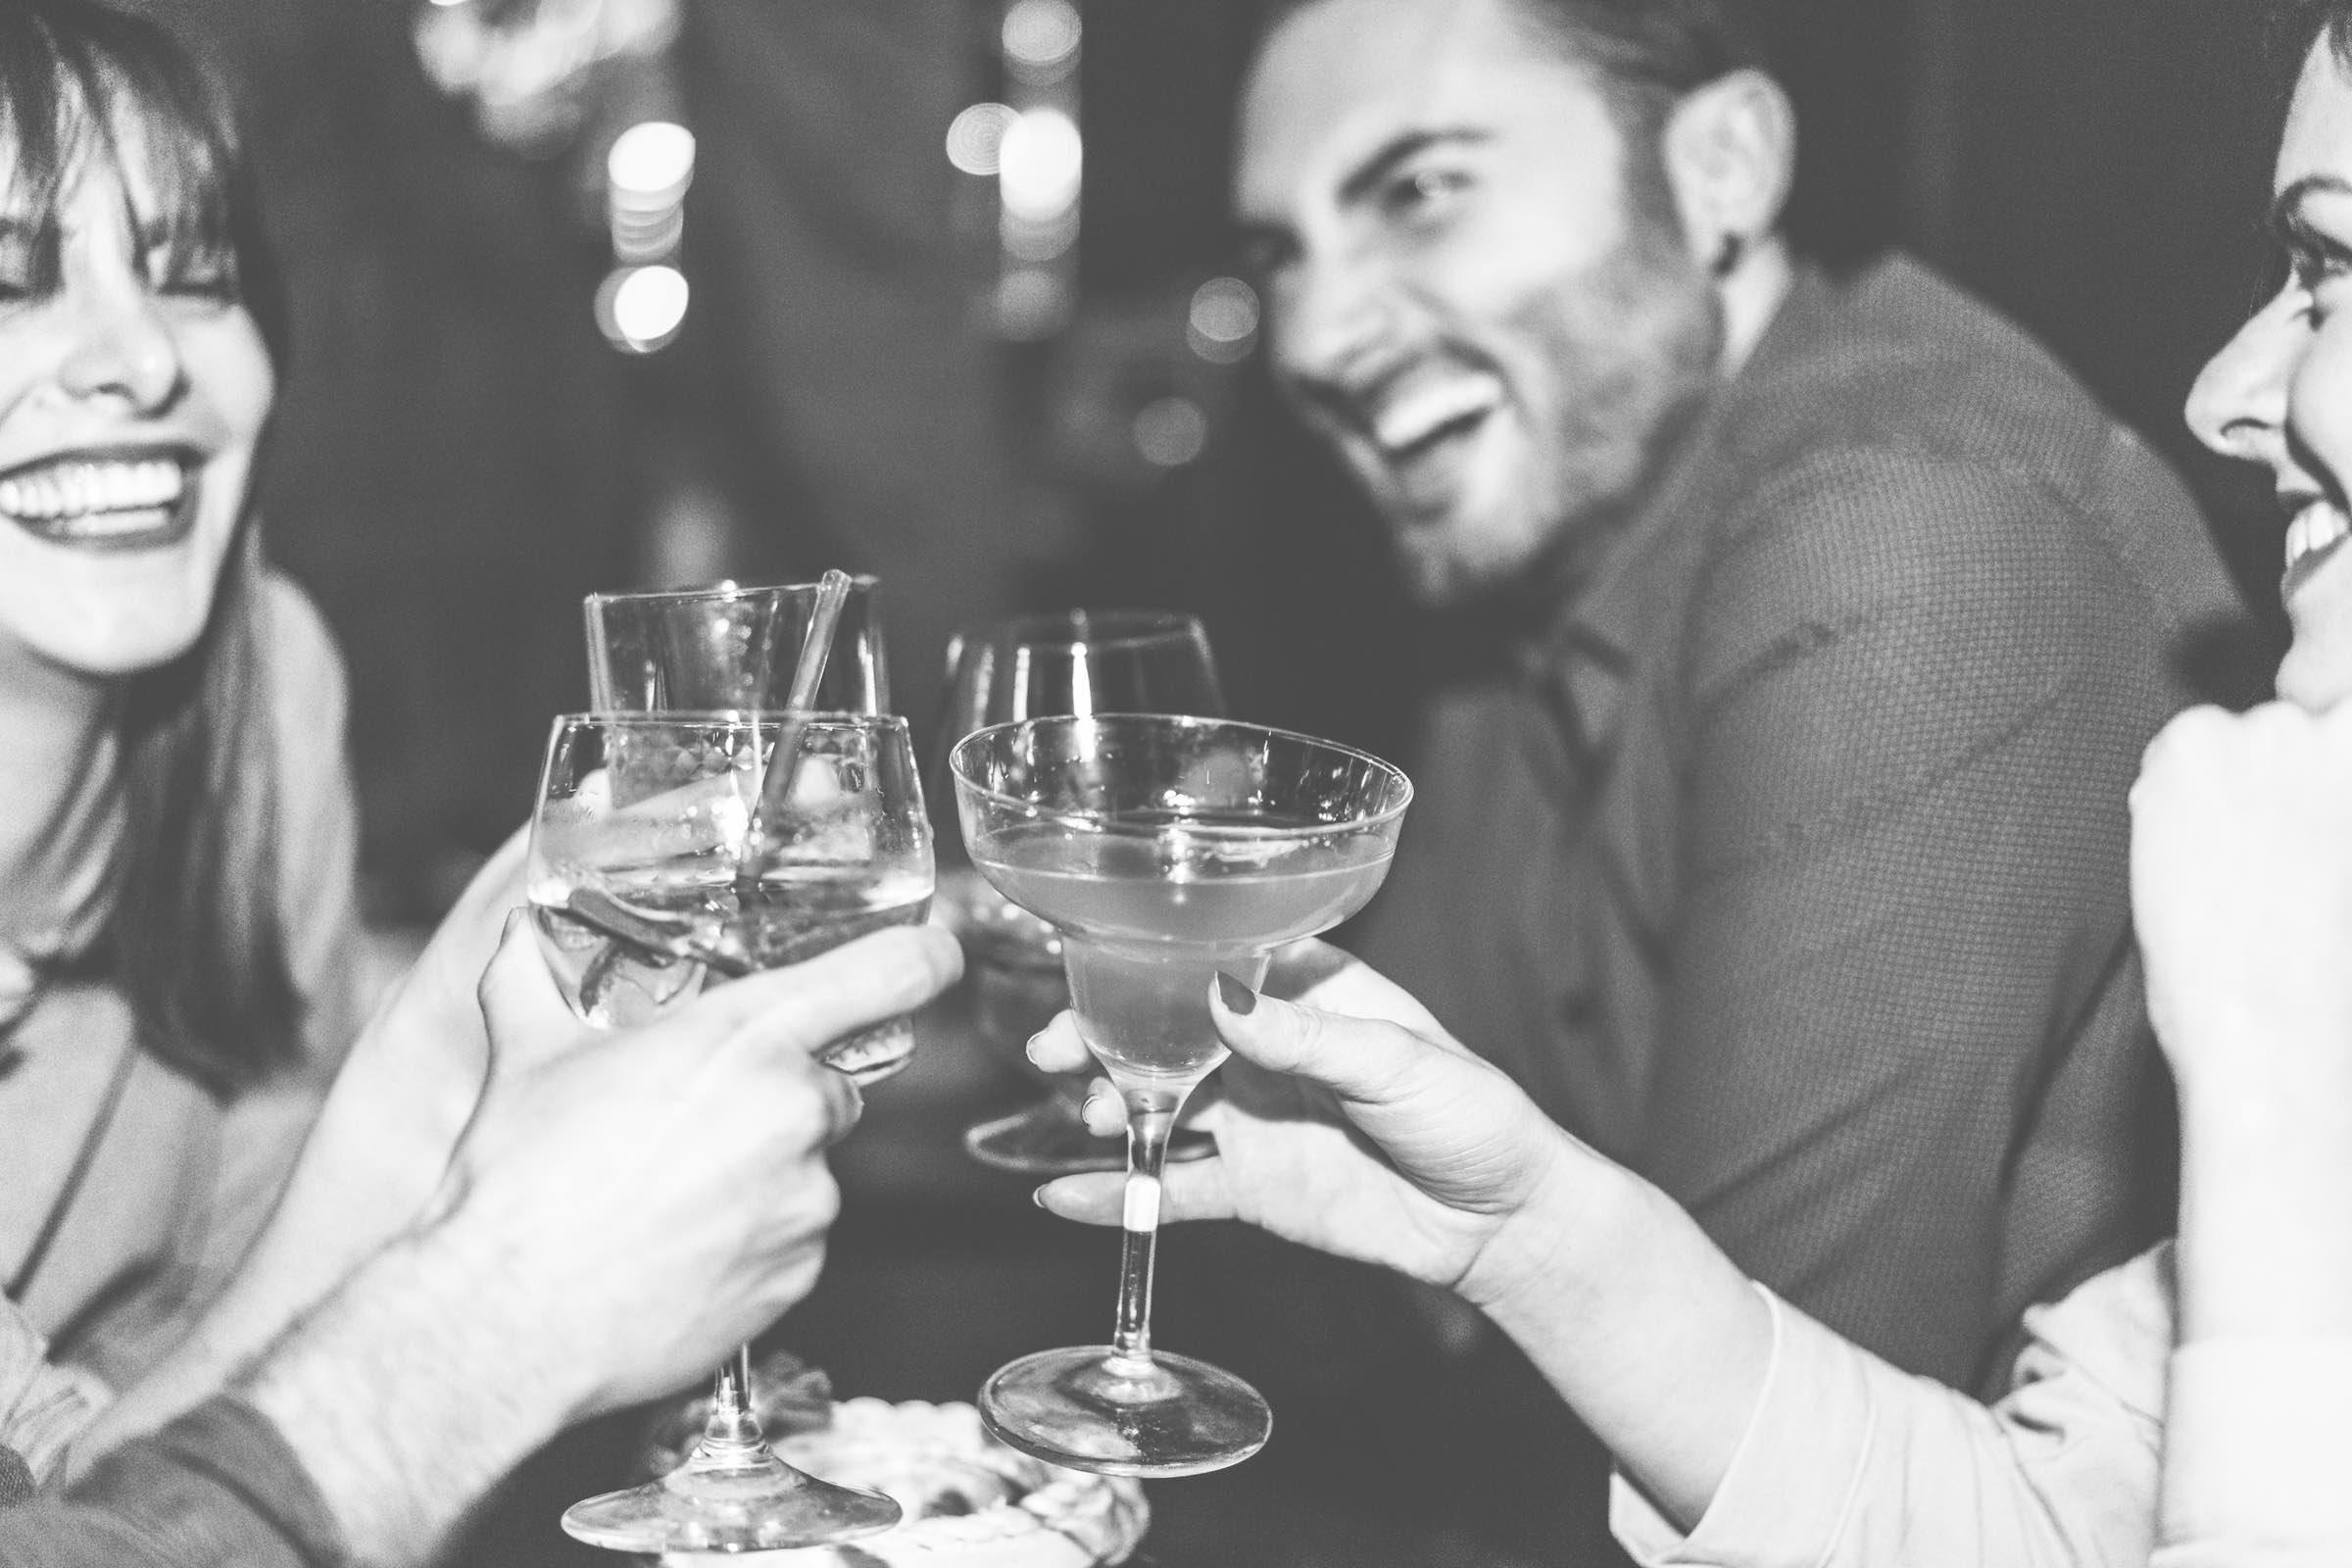 Barformat Hannover - Mobile Bar | Erlebnisgastronomie | Foodtruck | Hochzeit | Messe | Event | Festival | Hochzeit | Fingerfood